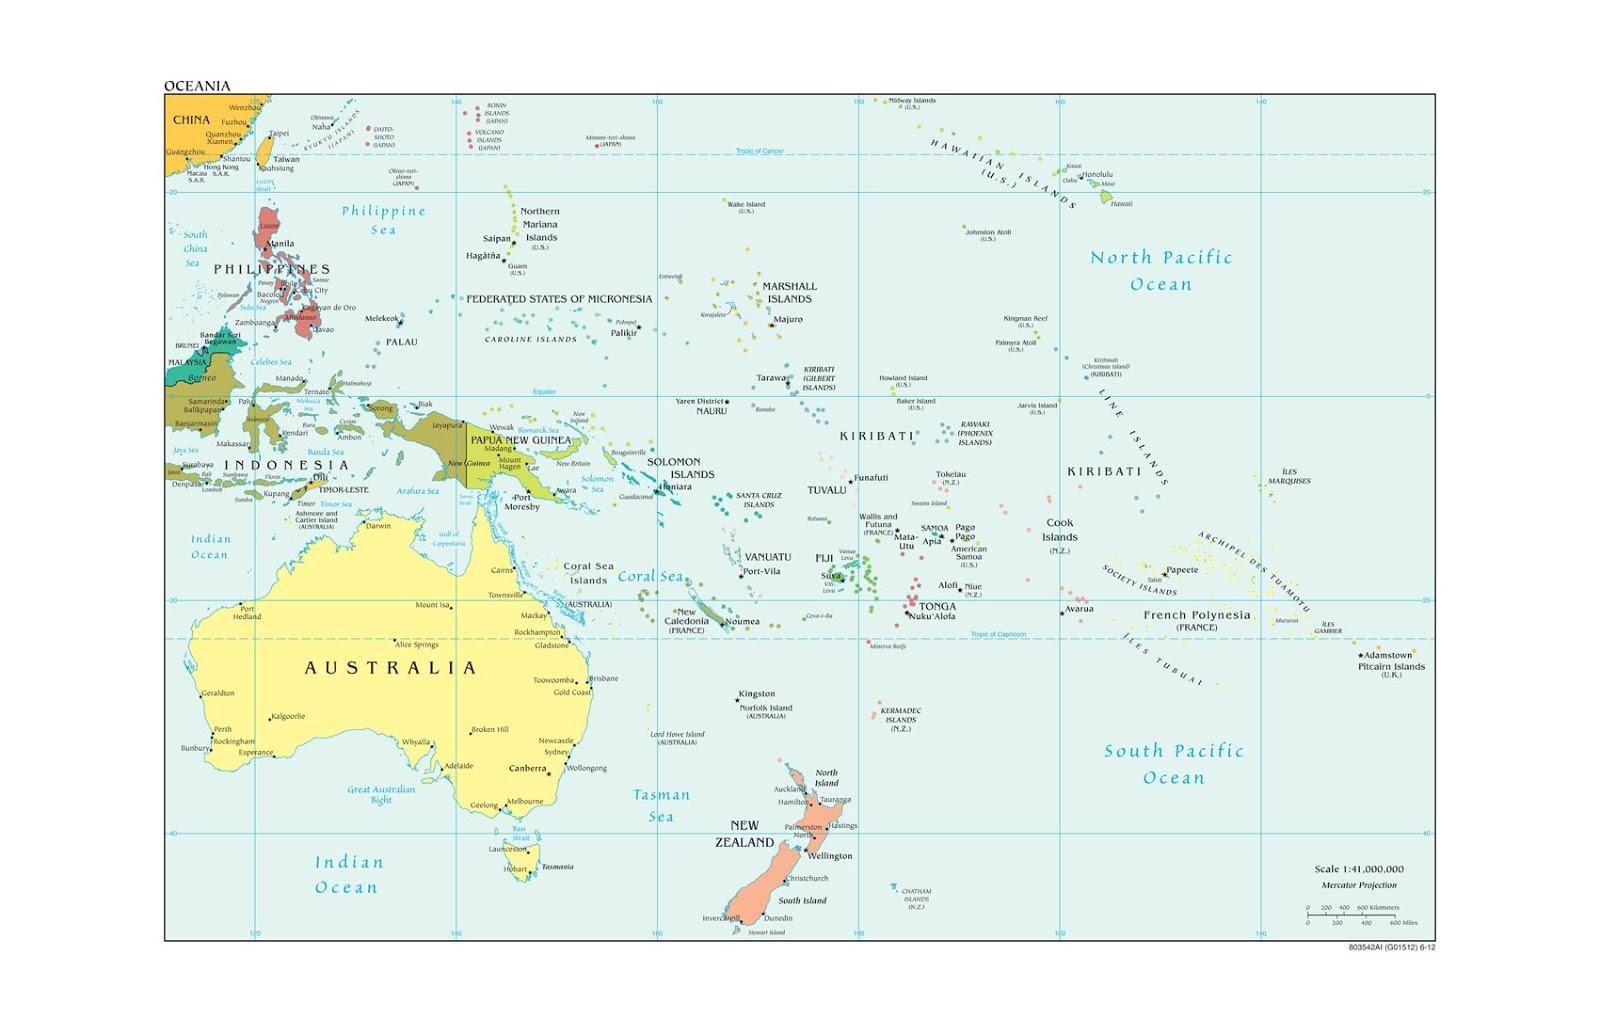 Karte Australien Englisch.Politische Landkarte Von Australien Und Ozeanien Englisch